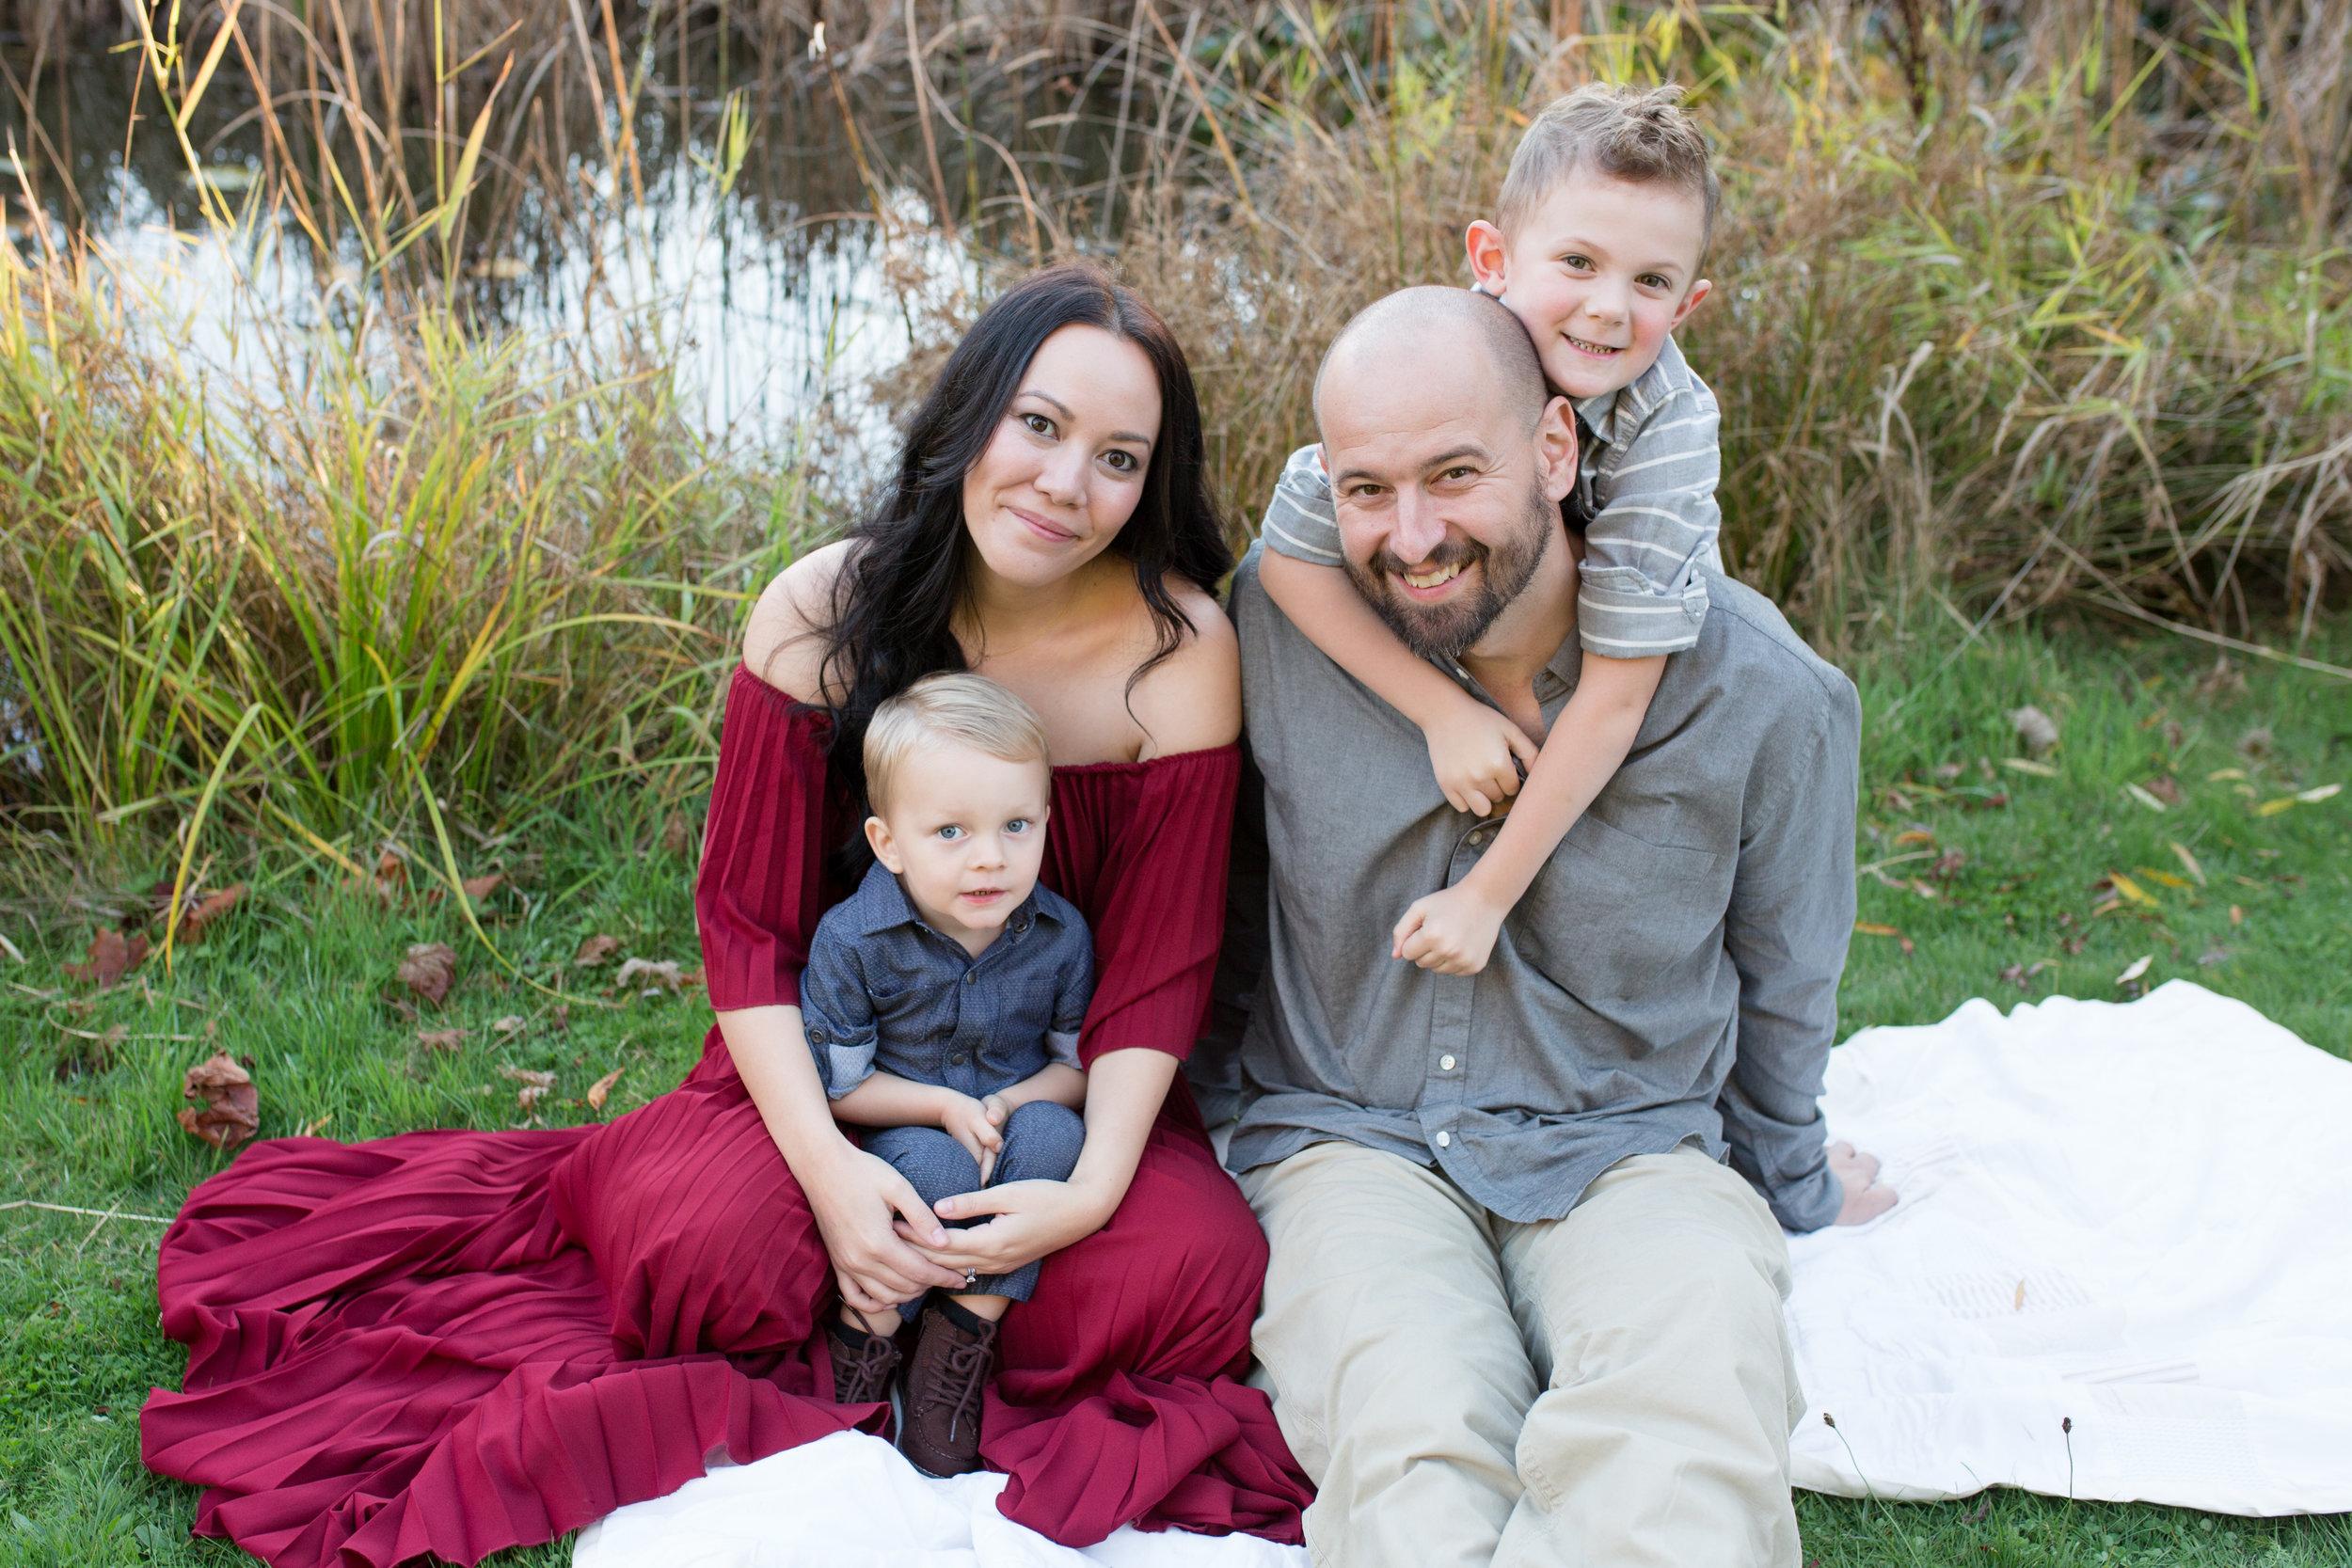 Diefenbaker Park Family Photos 2018-32.jpg